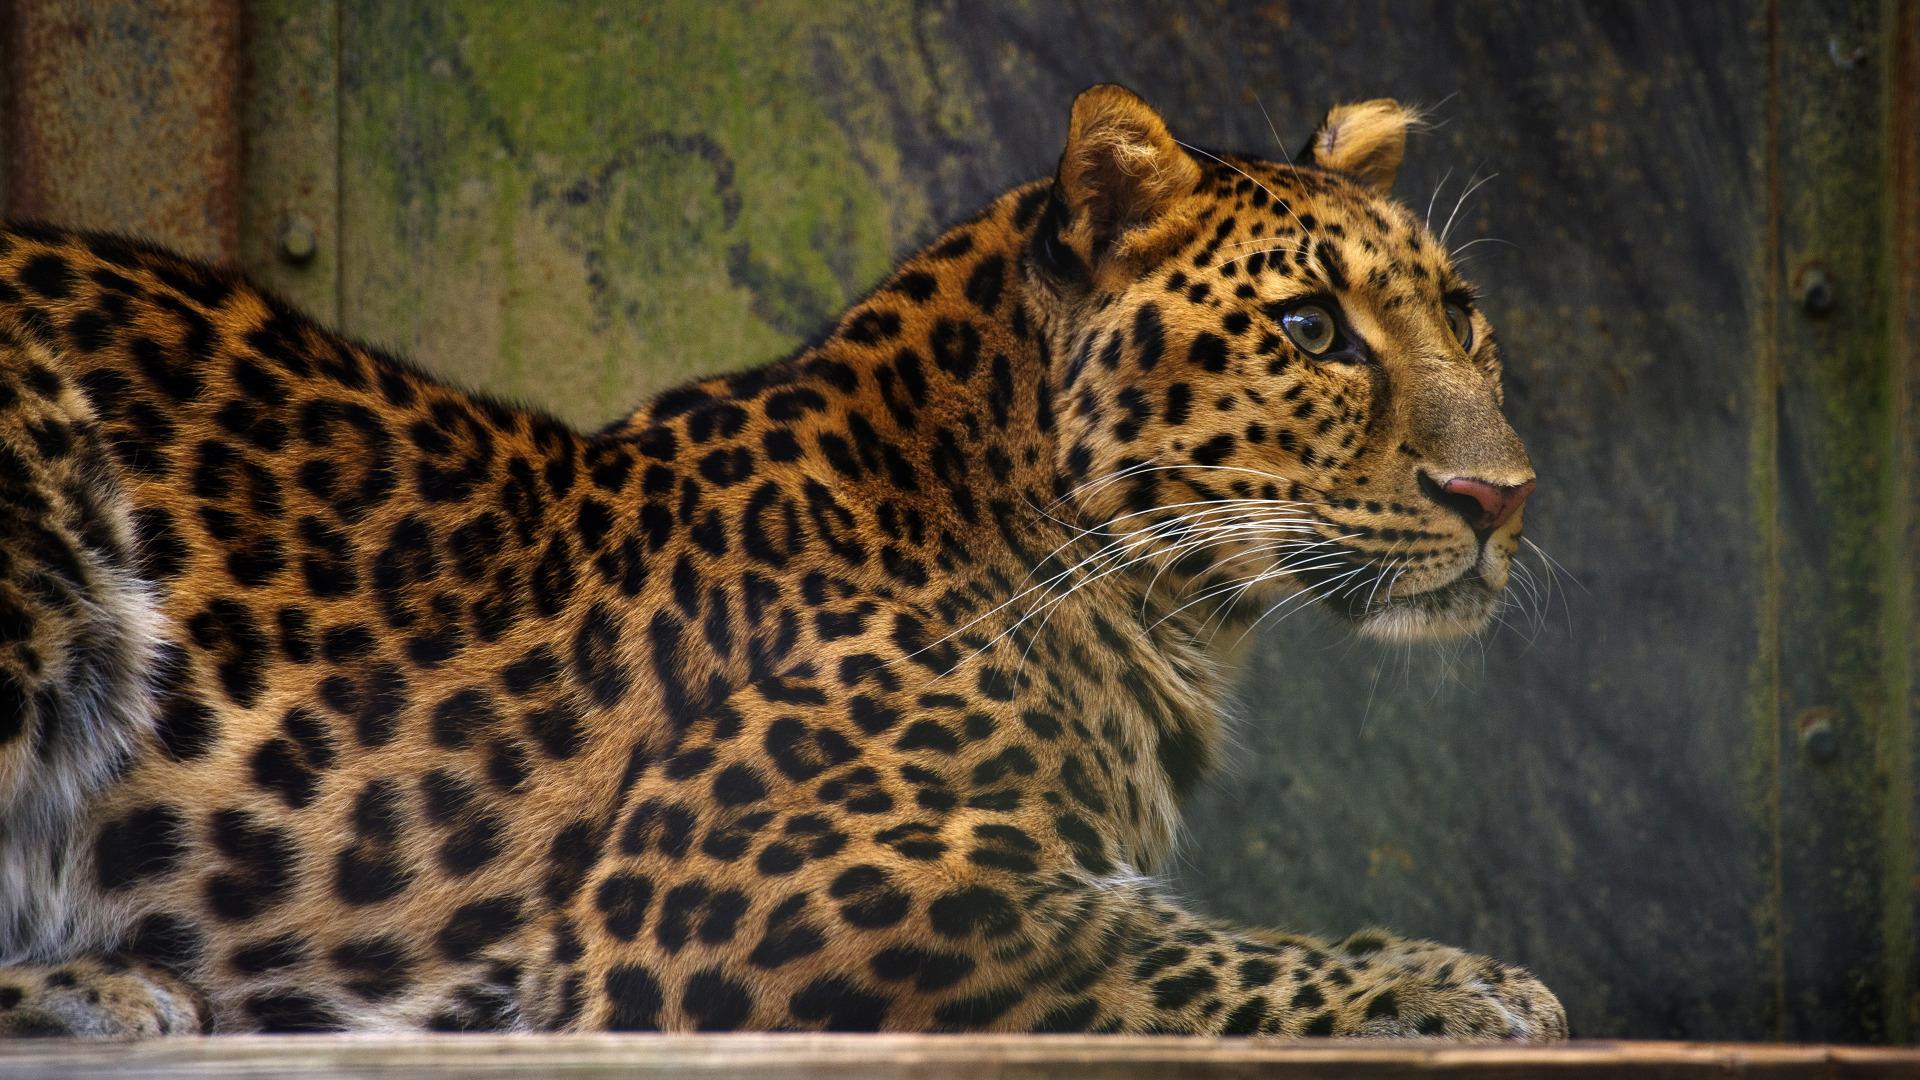 Обои поза, боке, черно-белый, природа, кот, лежит, лето, Кошка, фон, морда, отдых, чёрный, Котя, Kote, желтые глаза, зелены, трава. Кошки foto 11